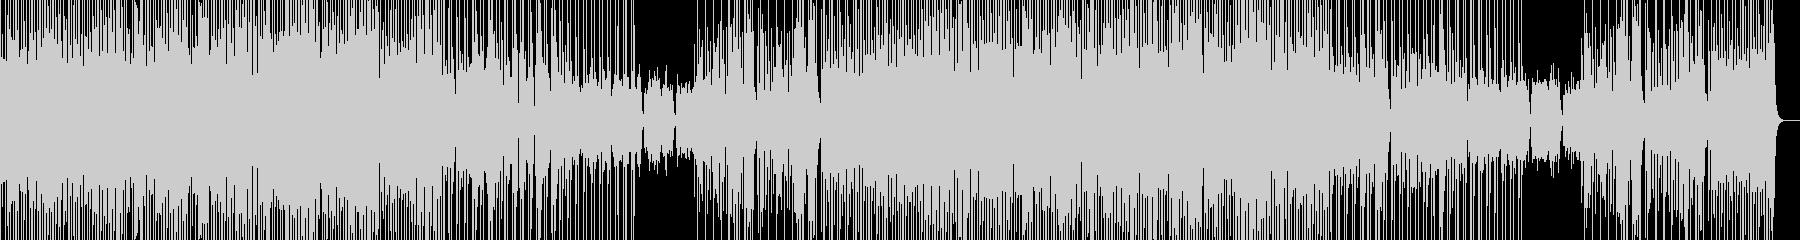 おしゃれで雰囲気の良いBGMの未再生の波形